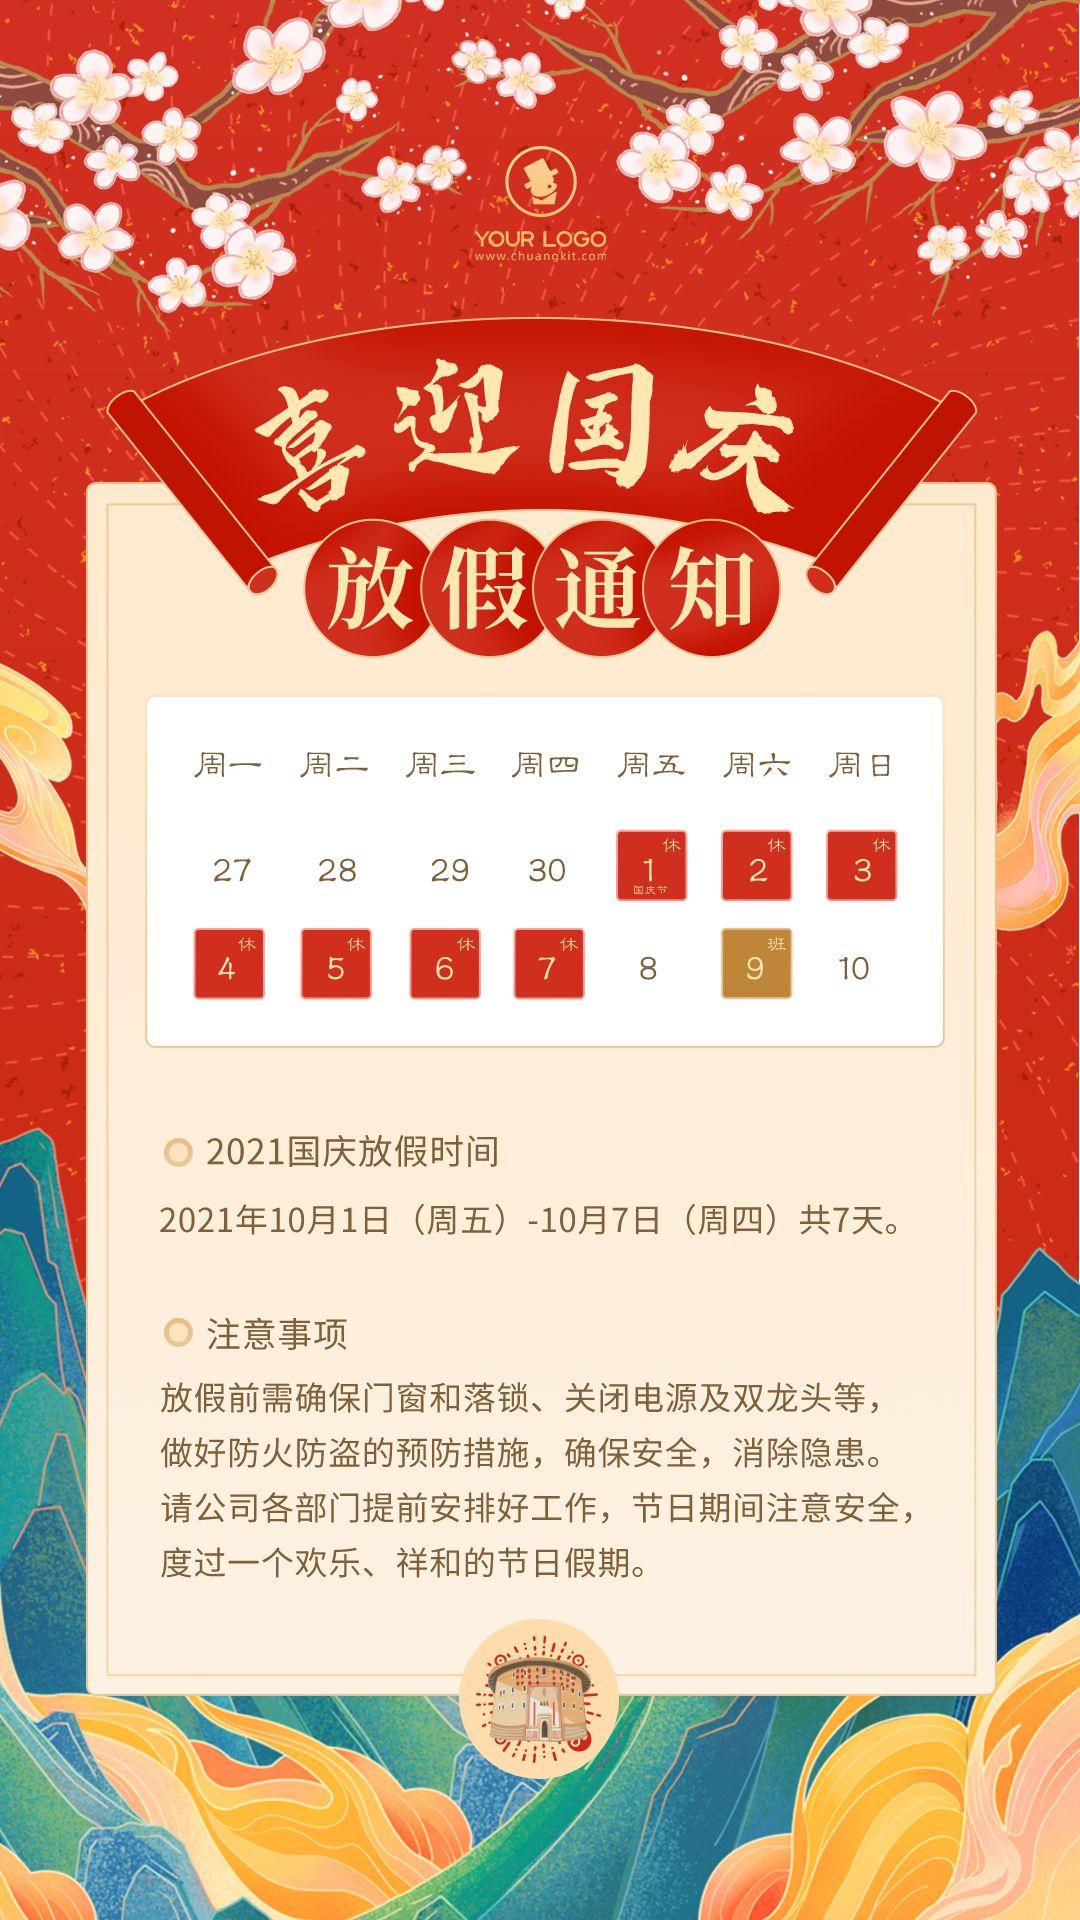 关于盐亭洪发二手家电回收2021年国庆节放假通知